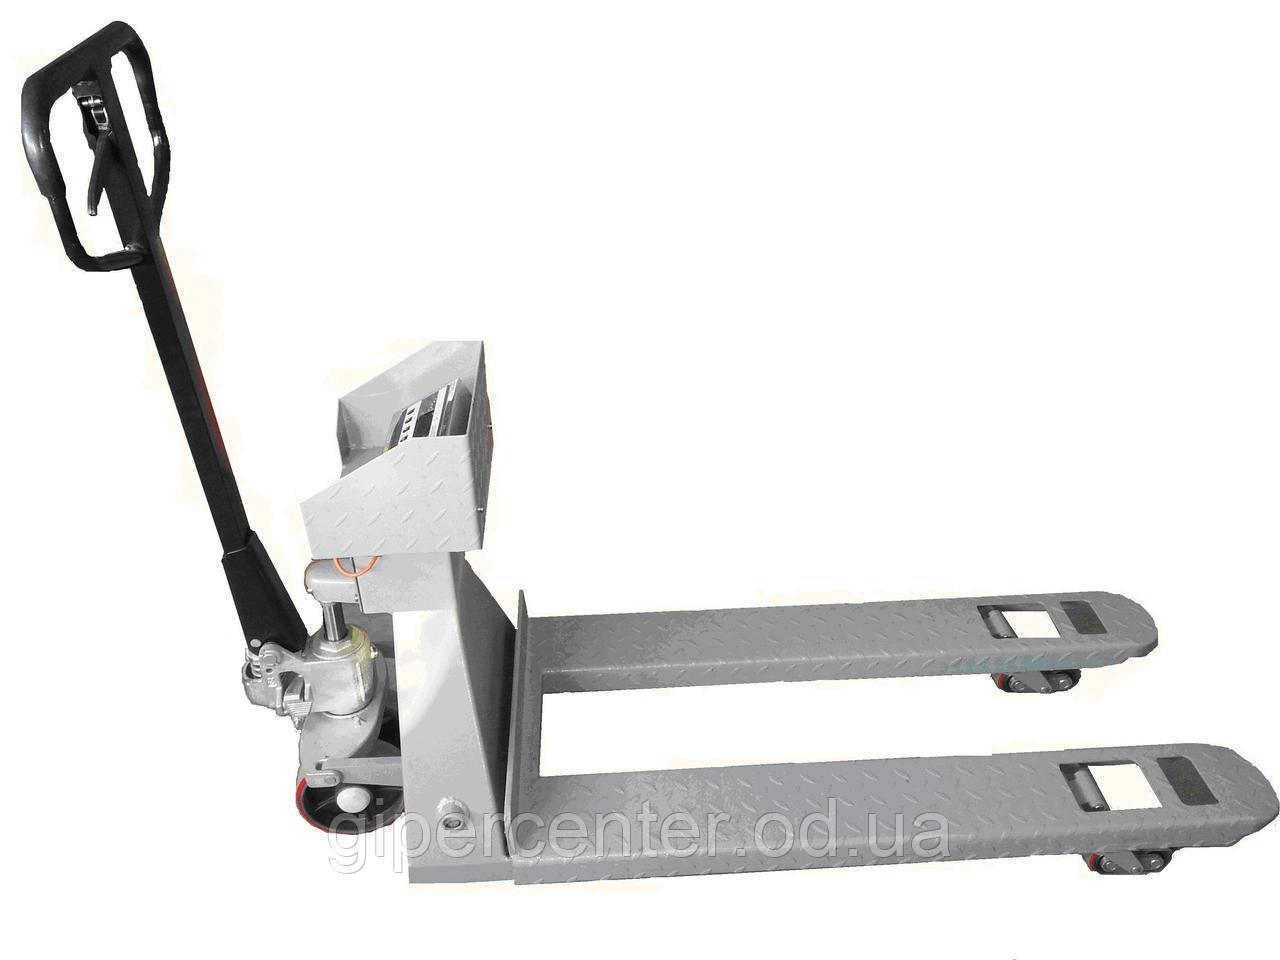 Весы-рокла электронные Техноваги ТВ4-2000-0,5-R-12еa до 2000 кг, точность 500 г